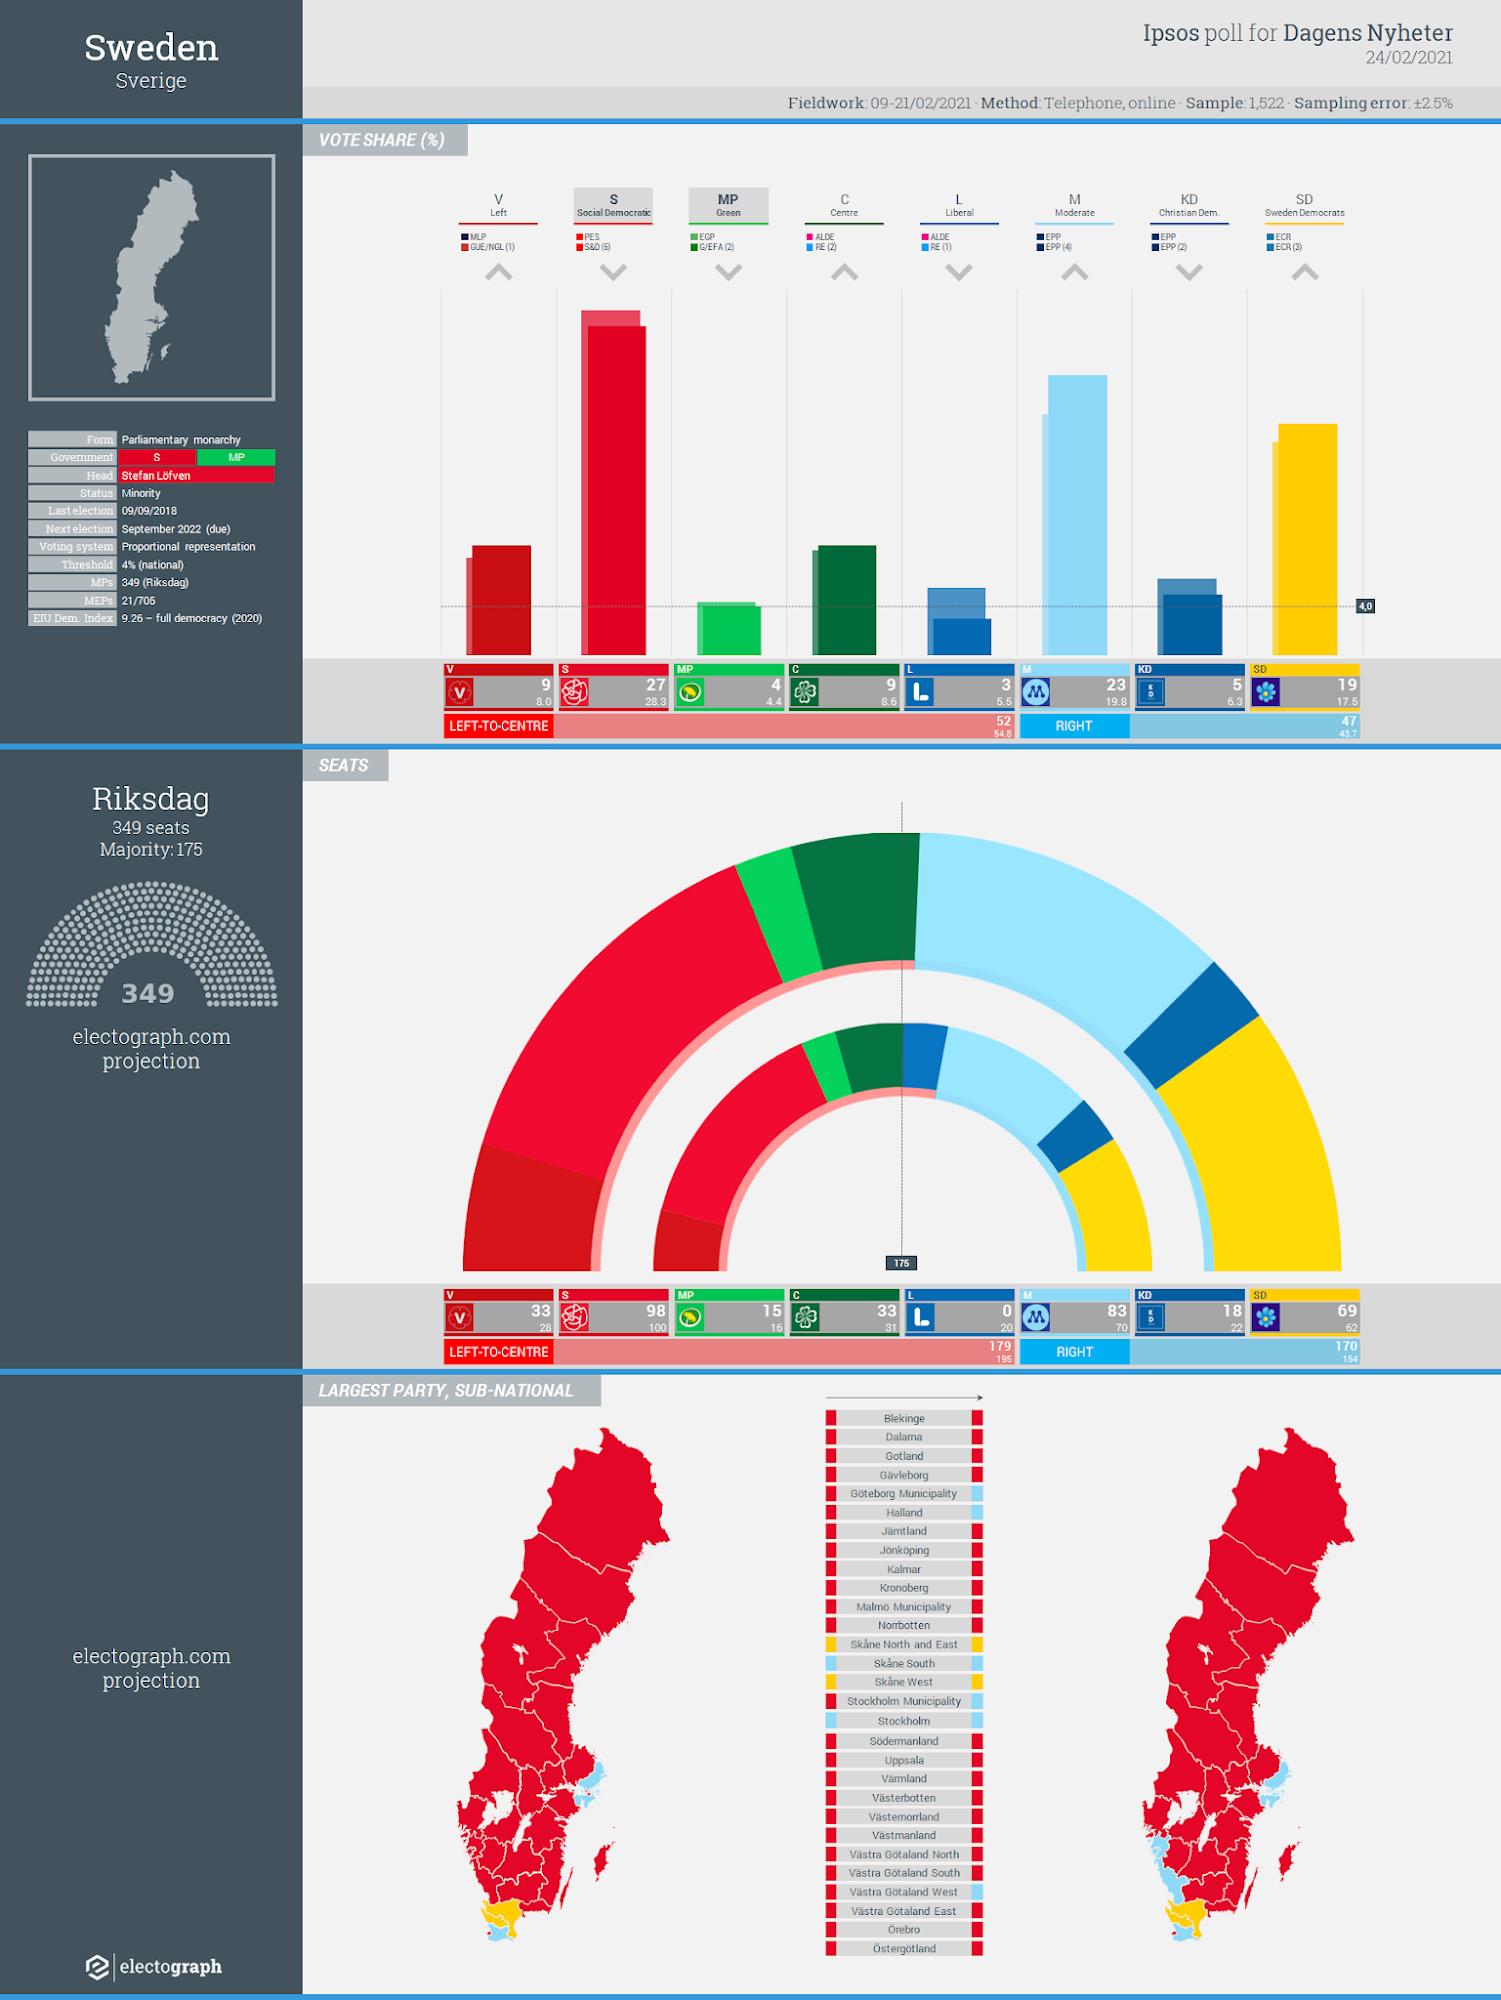 SWEDEN: Ipsos poll chart for Dagens Nyheter, 24 February 2021